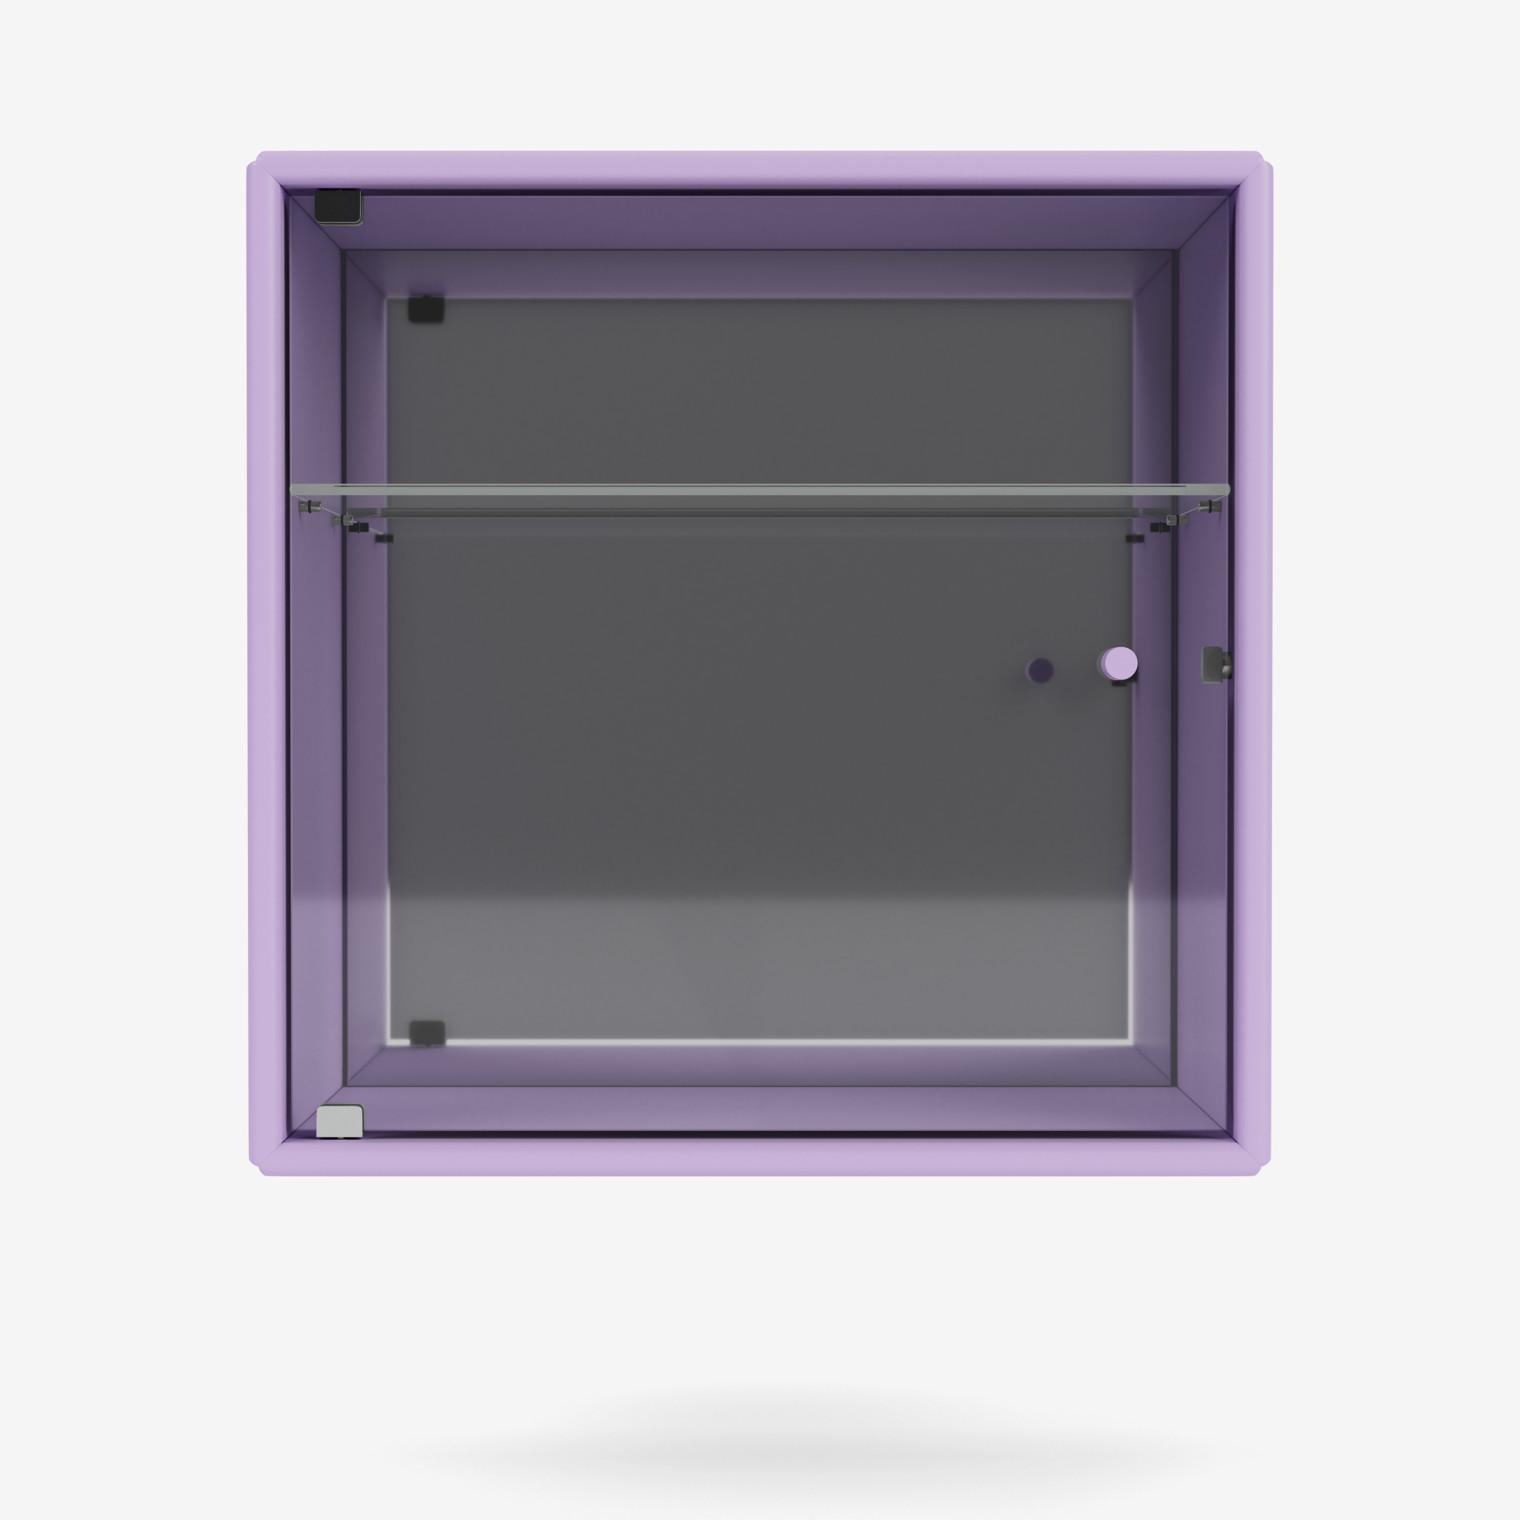 PERFUME cabinet with glass door